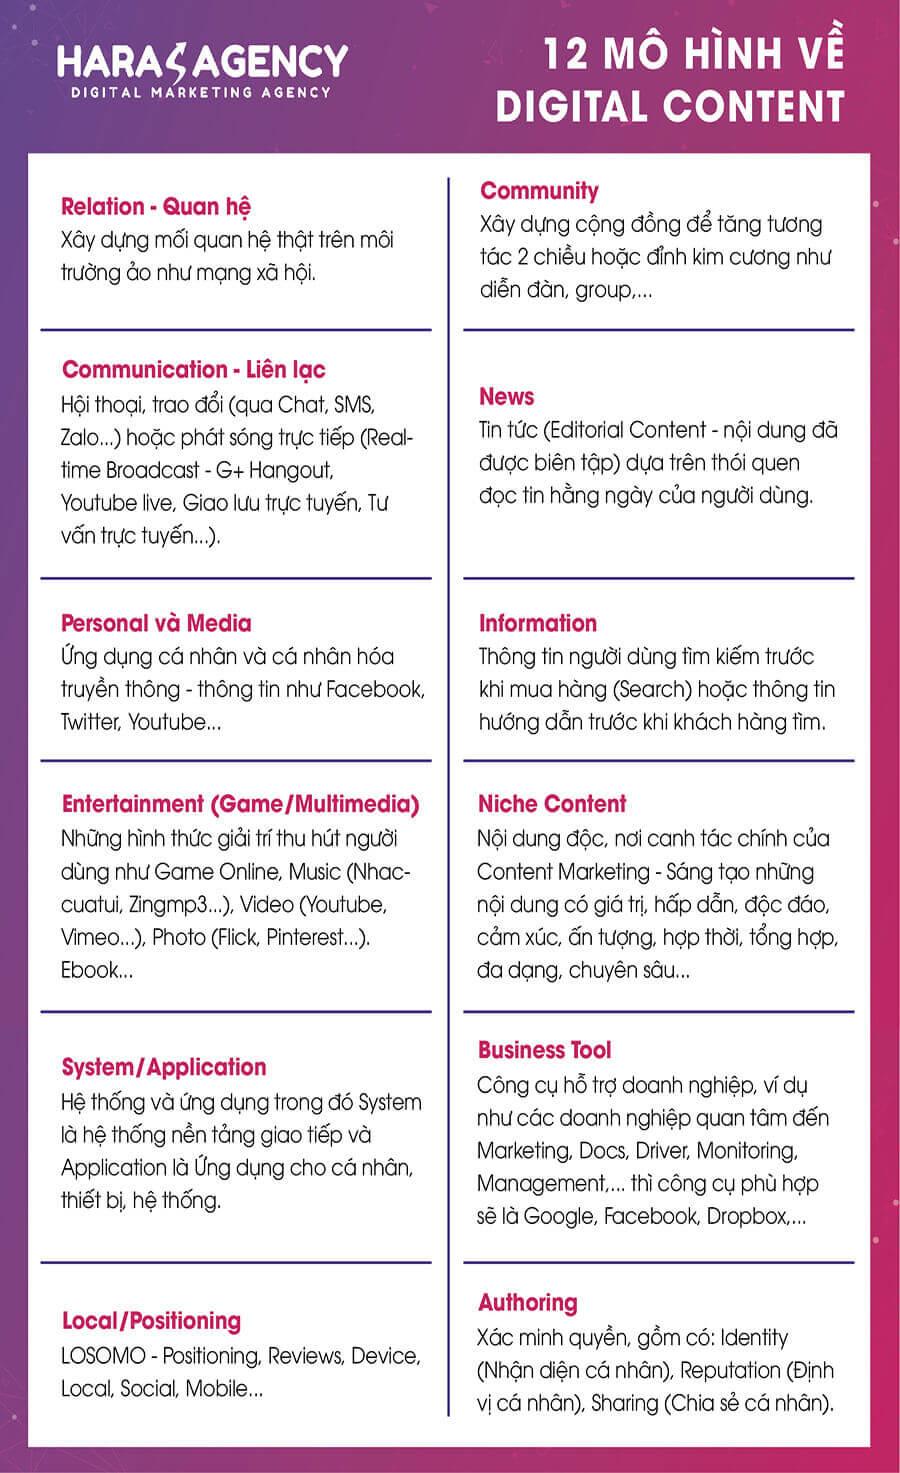 12 mô hình Digital Content